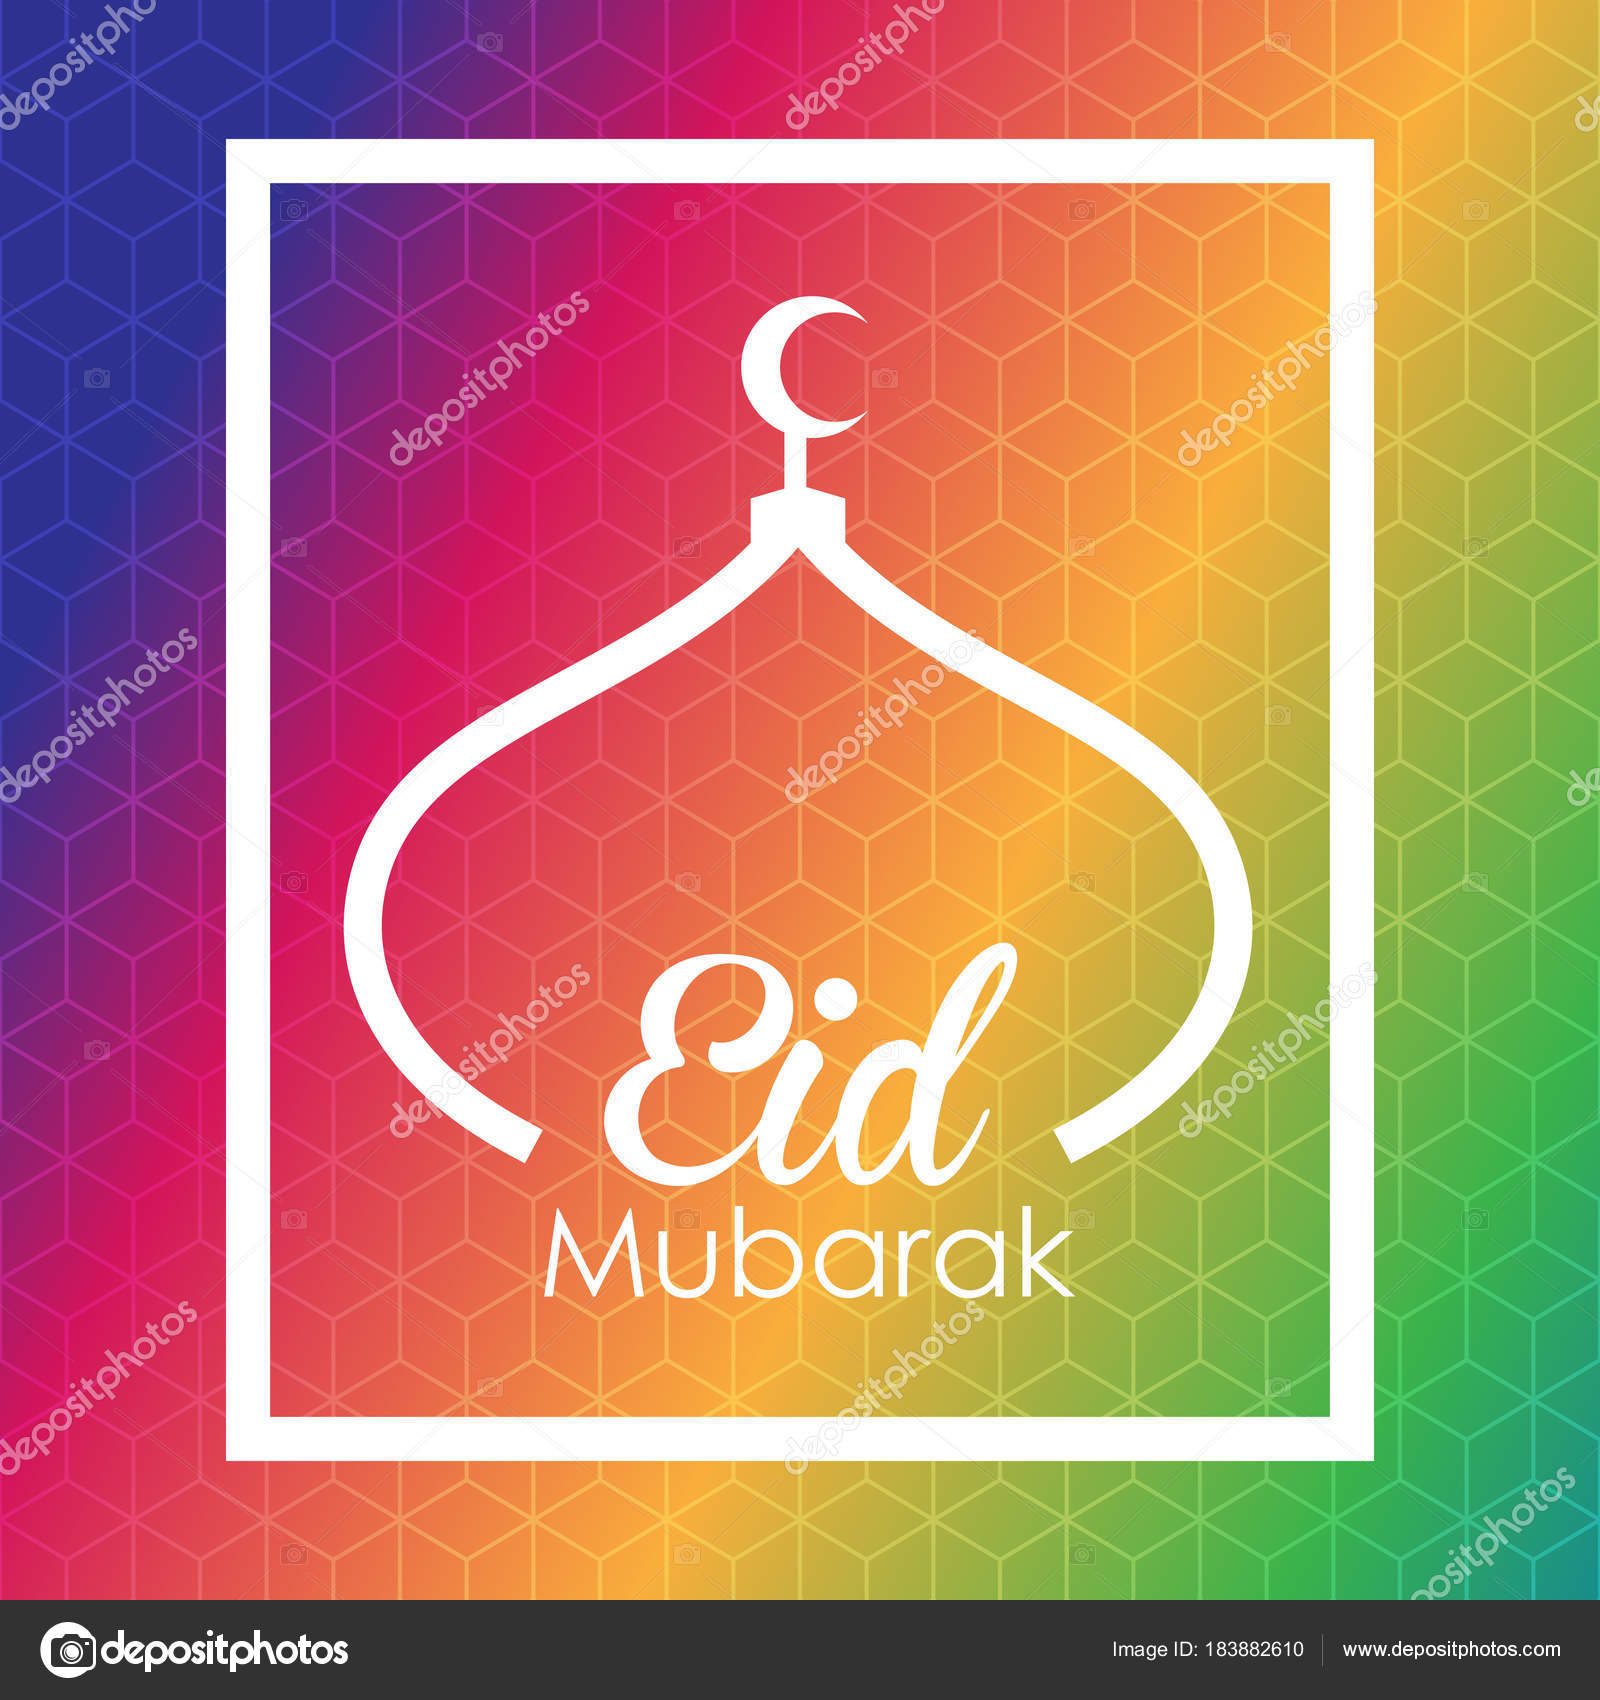 Eid mubarak greeting card stock vector esbeauda 183882610 eid mubarak greeting card stock vector m4hsunfo